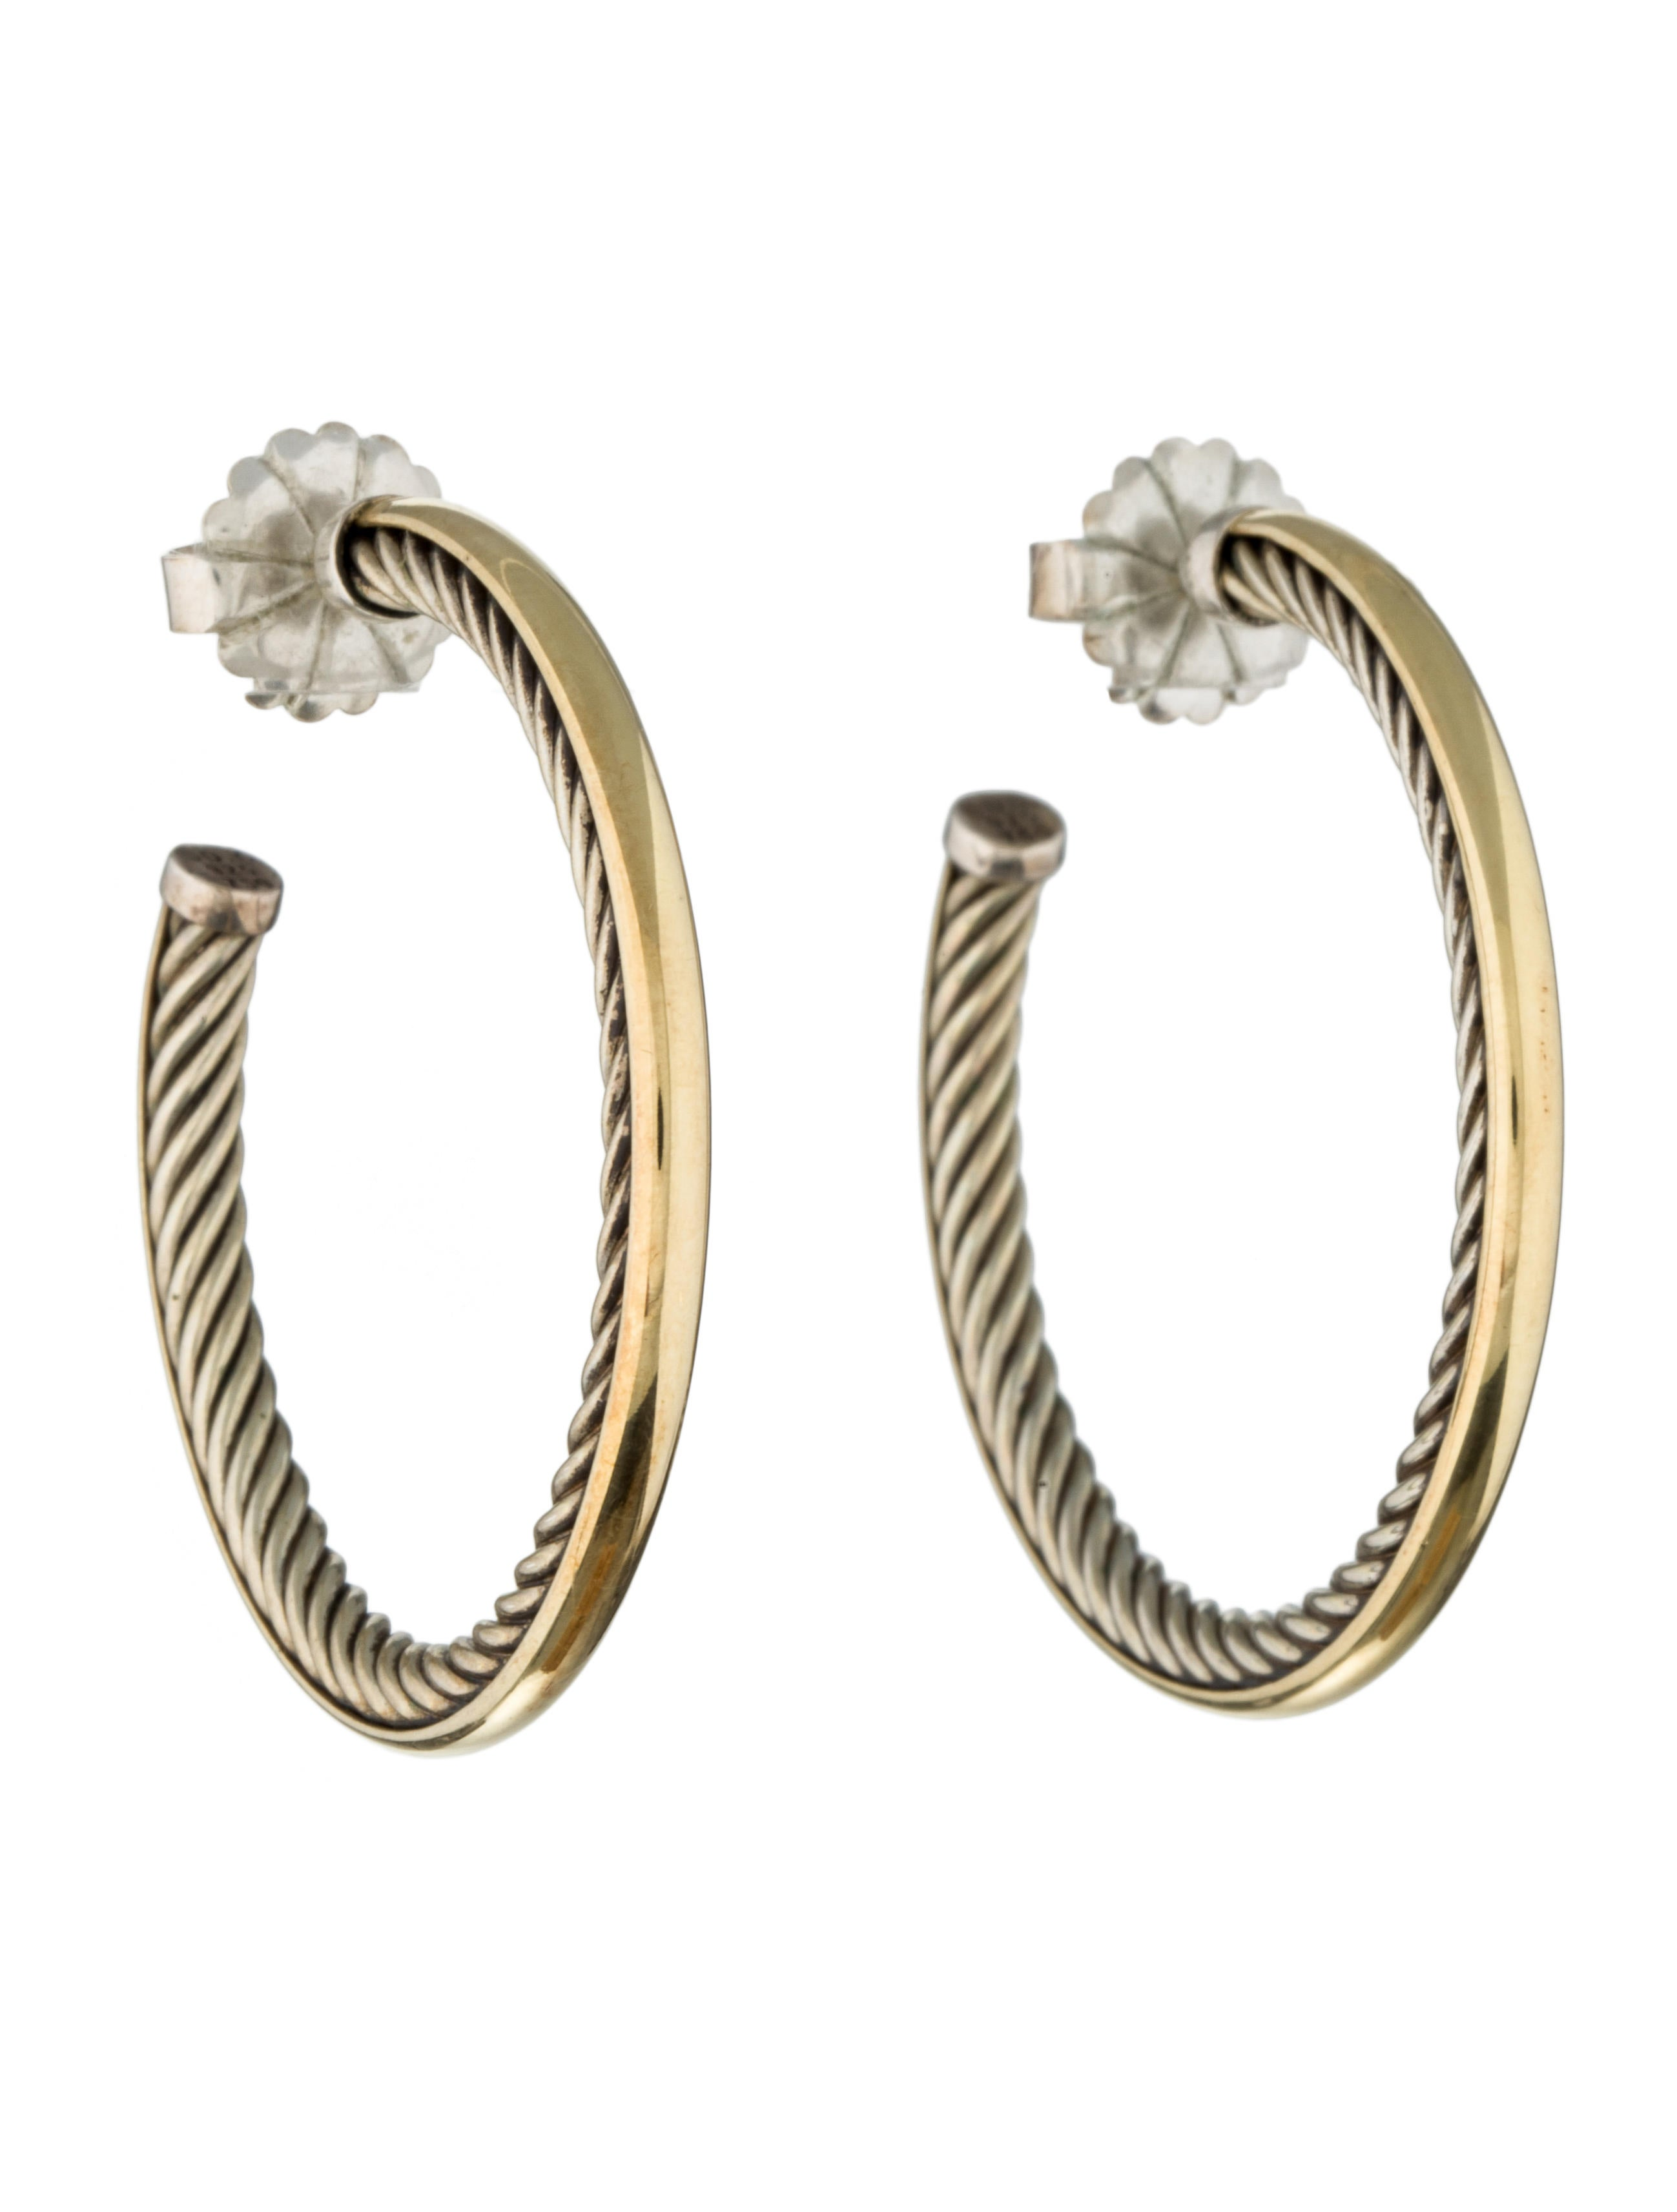 david yurman crossover hoop earrings earrings dvy28796